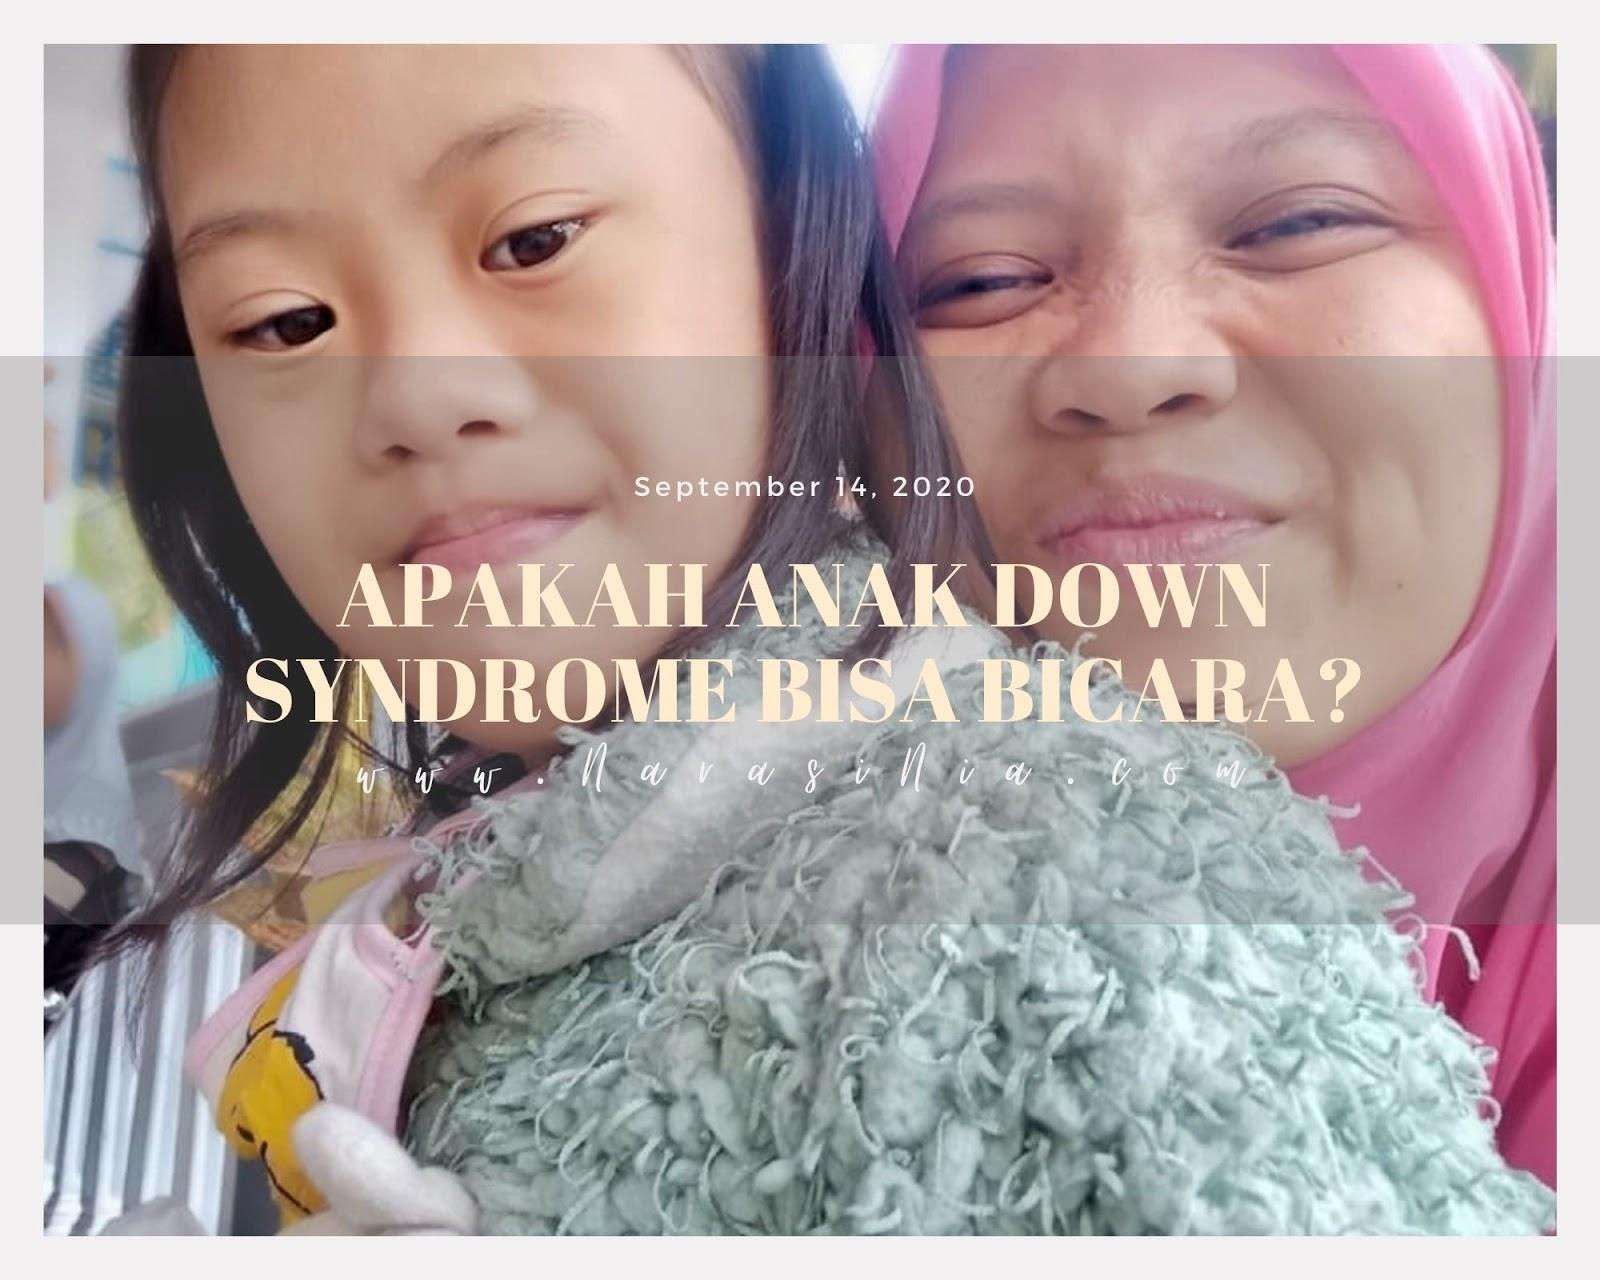 Berapa Lama Anak Down Syndrome Bisa Bicara